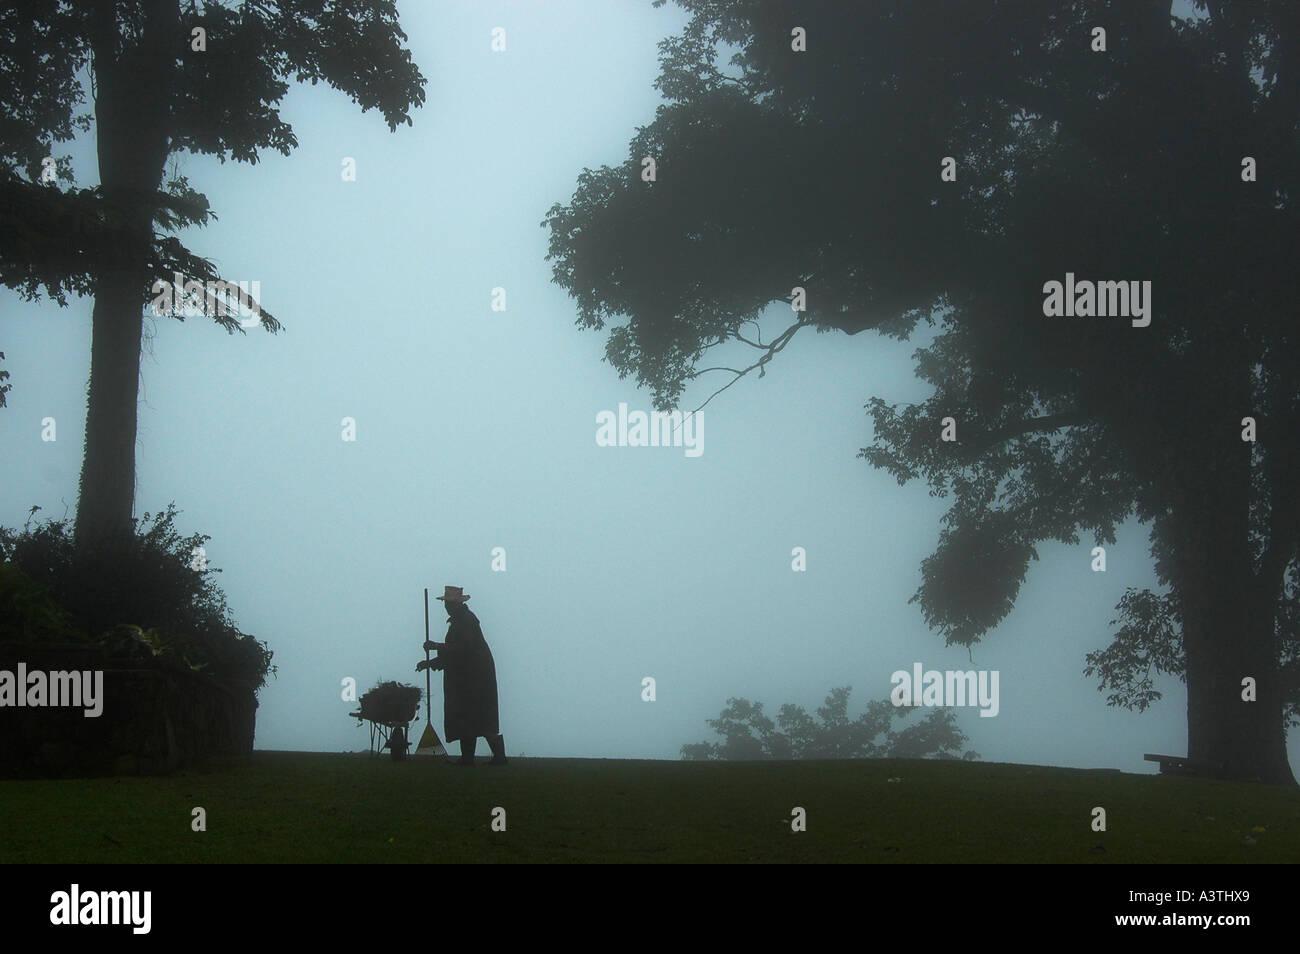 gardener in the mist, Zimbabwe - Stock Image